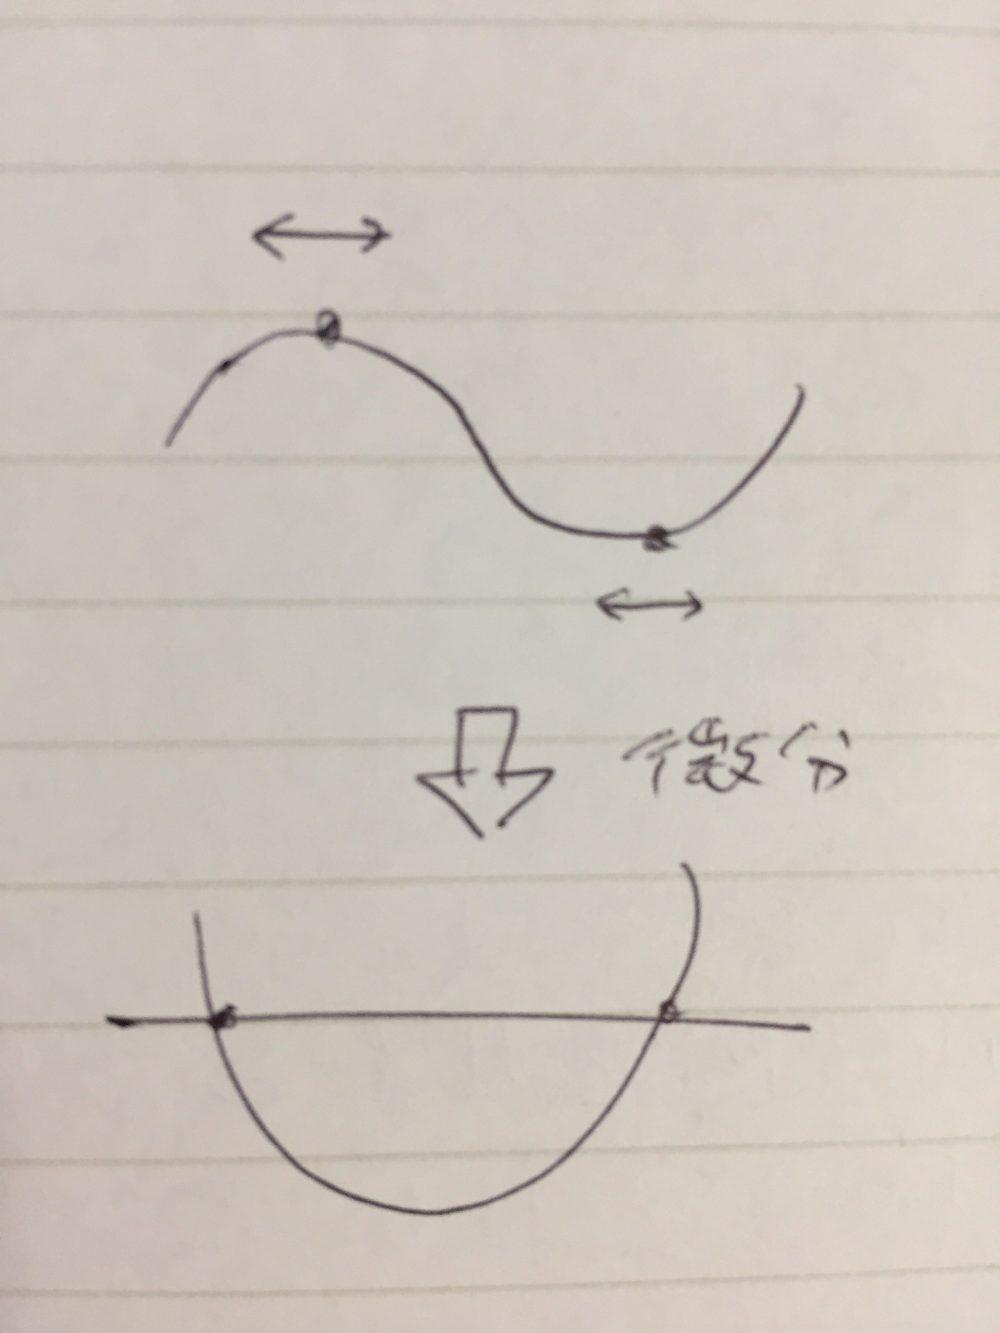 関数の微分